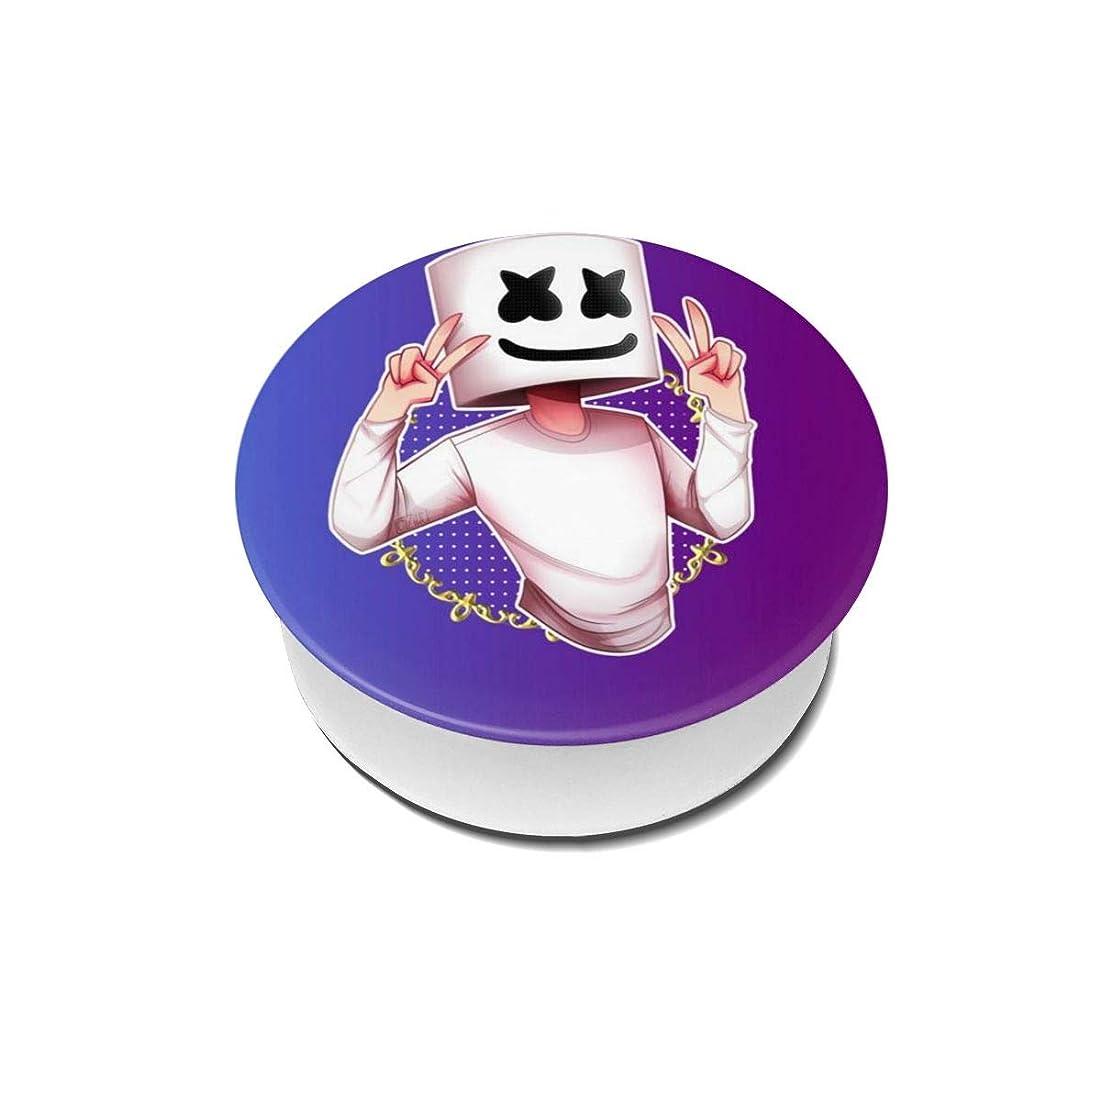 サイクロプス項目幹Yinian 4個入リ マシュメロ Marshmello スマホリング/スマホスタンド/スマホグリップ/スマホアクセサリー バンカーリング スマホ リング かわいい ホールドリング 薄型 スタンド機能 ホルダー 落下防止 軽い 各種他対応/iPhone/Android(2pcs入リ)